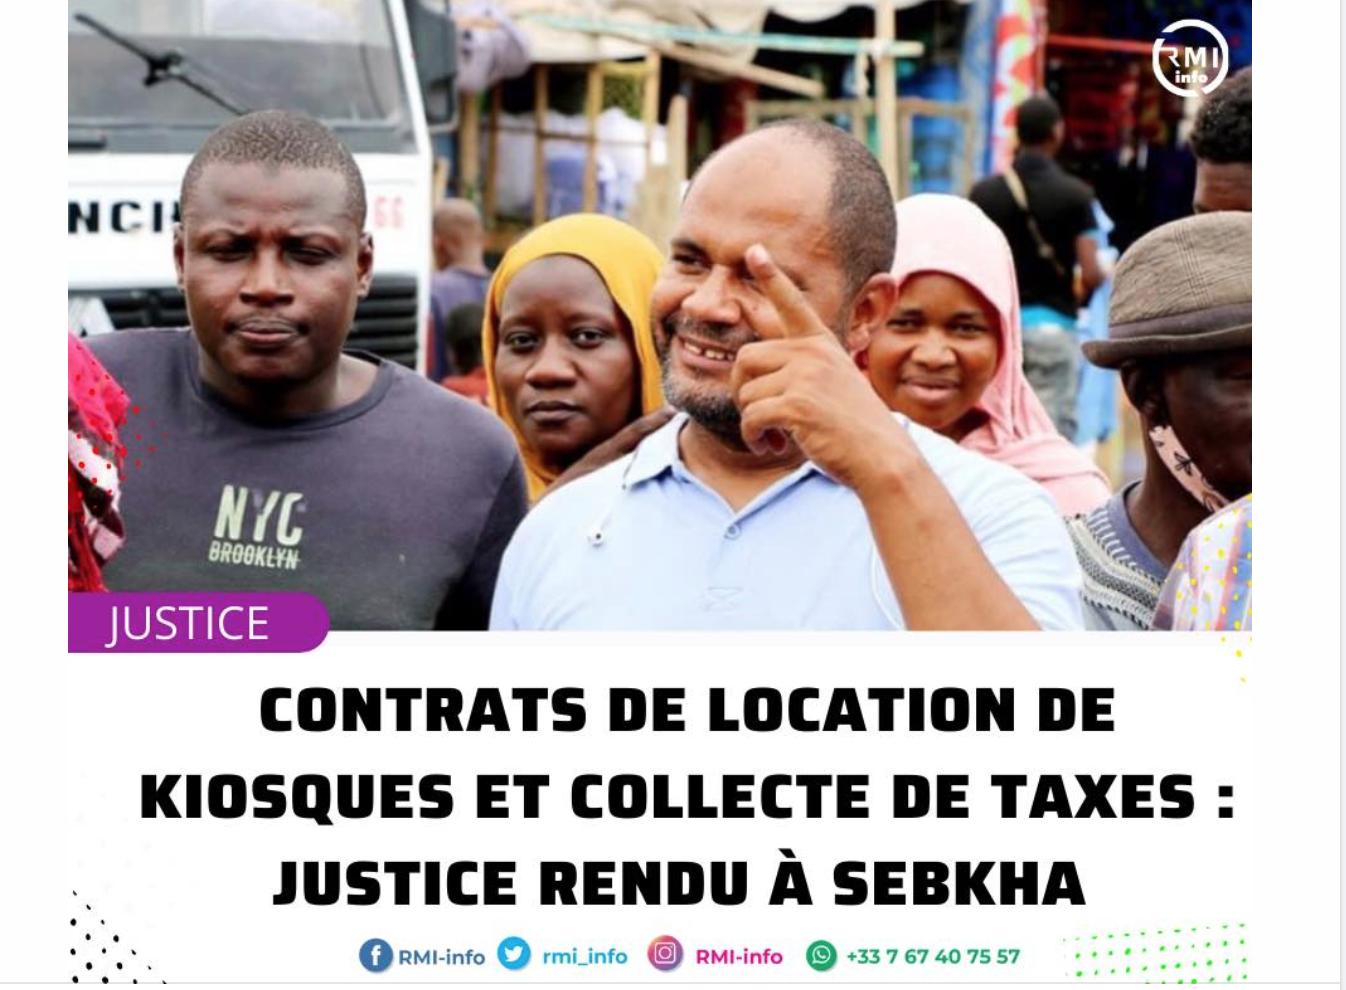 Contrats de location de kiosques et collecte de taxes : justice rendue à Sebkha